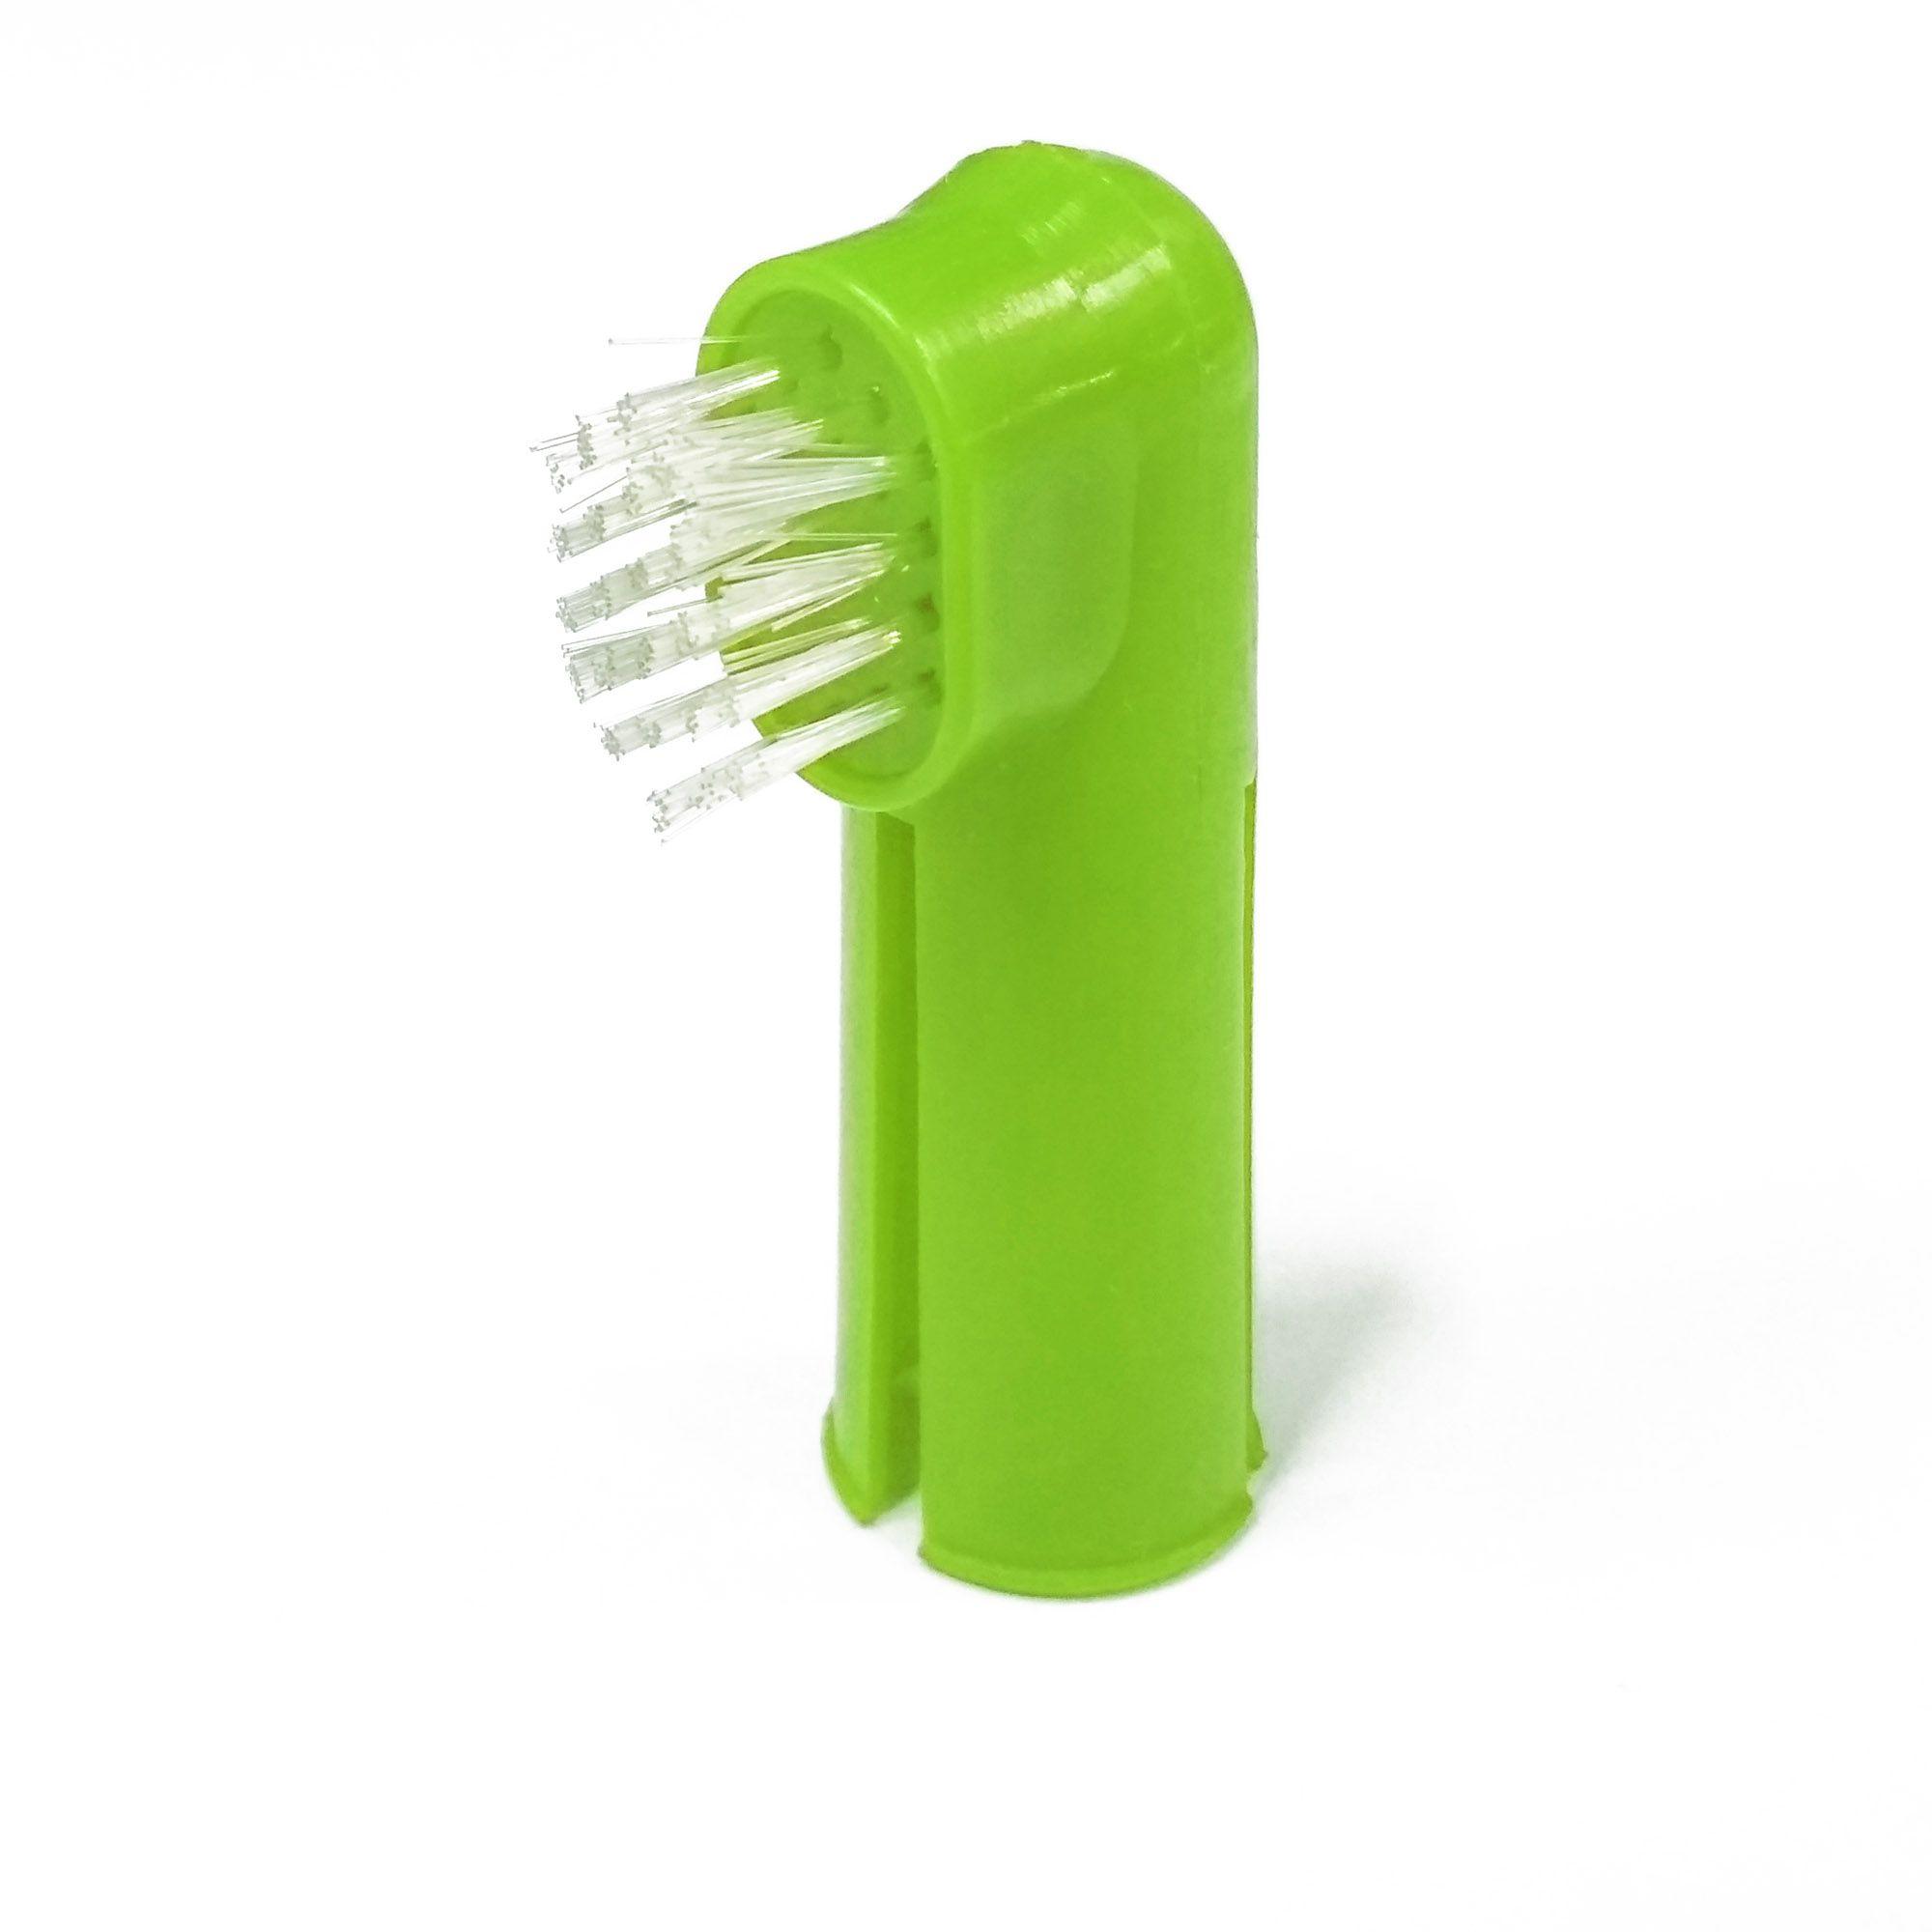 Escovas de Dente de Dedo para Cães e Gatos - coloridas